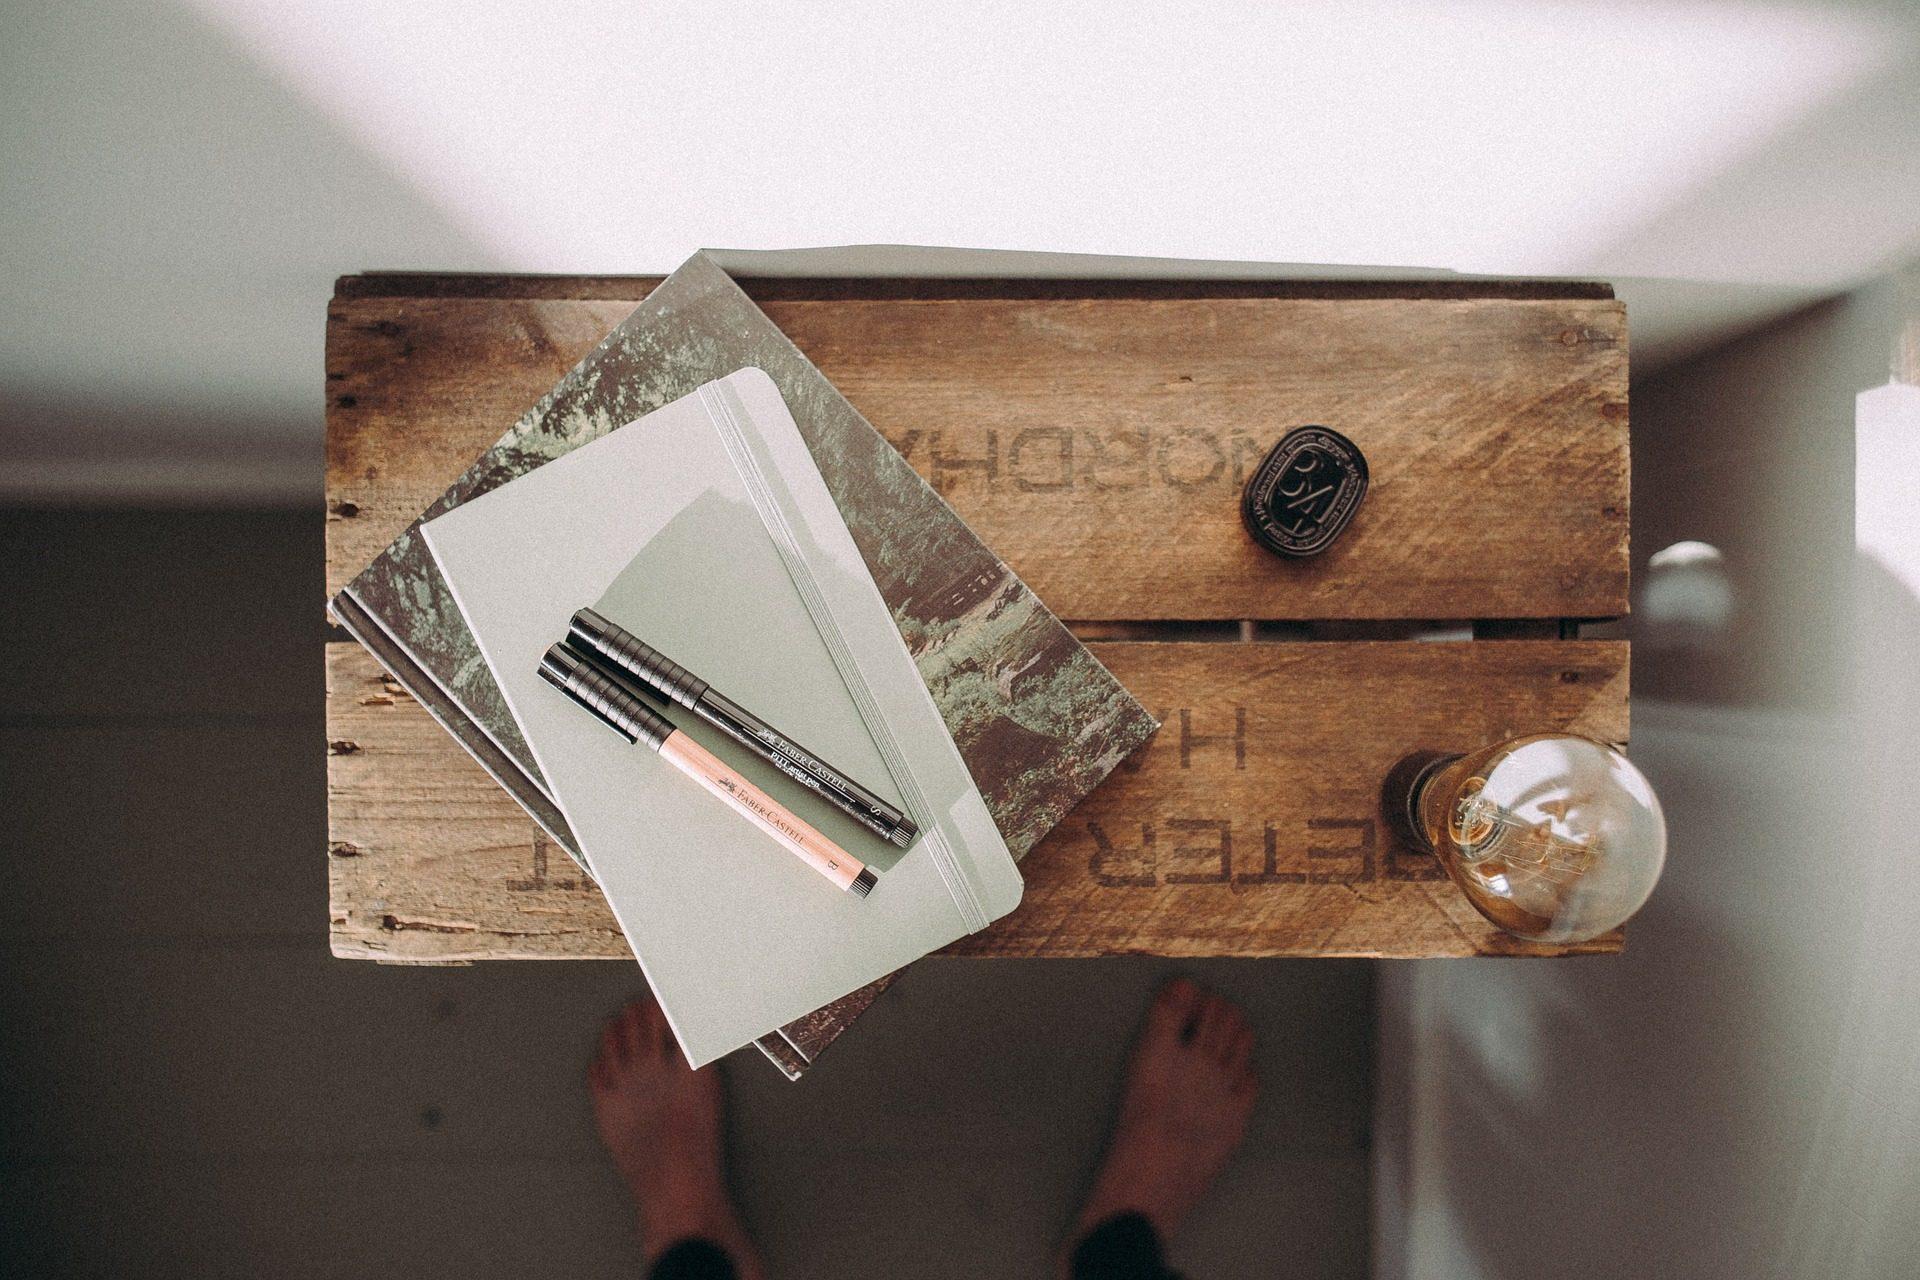 mesa, escritorio, cuadernos, bombilla, madera, pies - Fondos de Pantalla HD - professor-falken.com